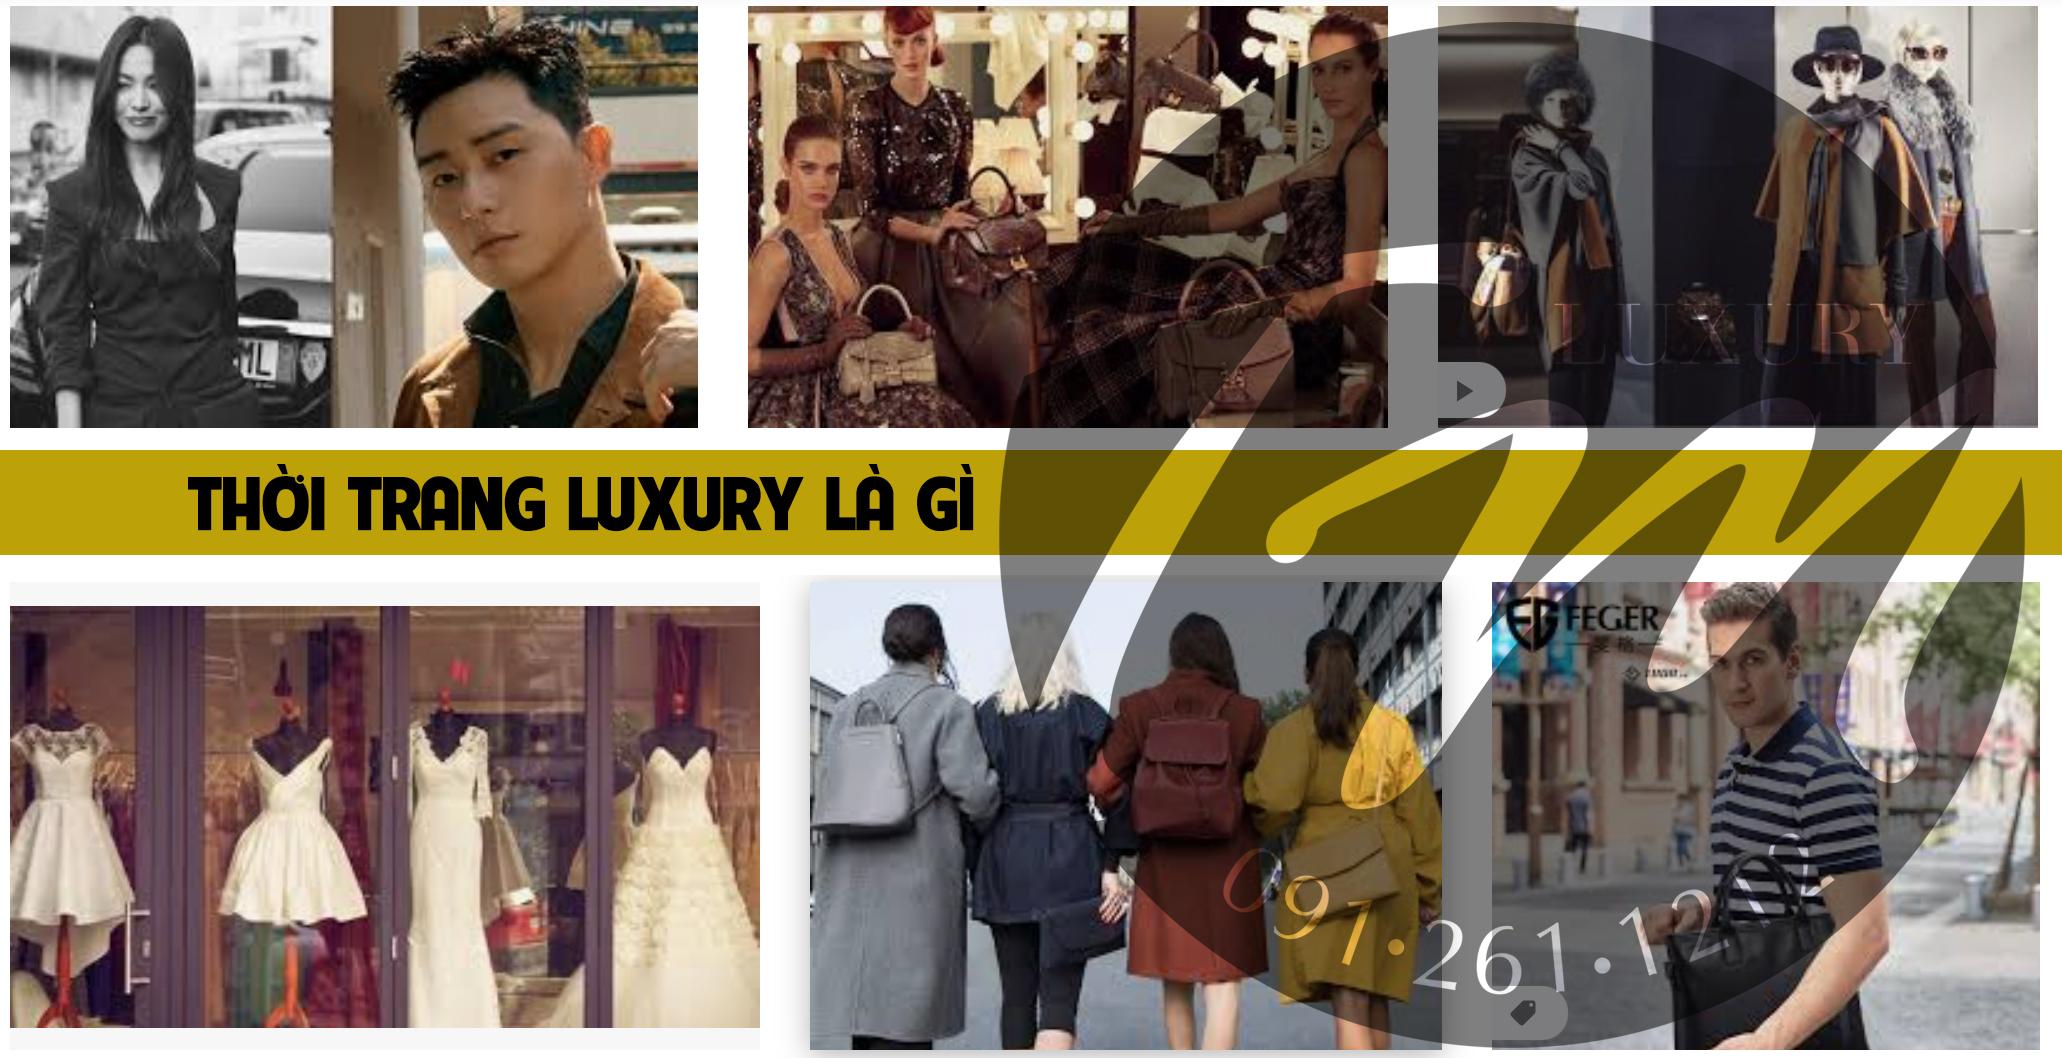 Thời trang Luxury là gì